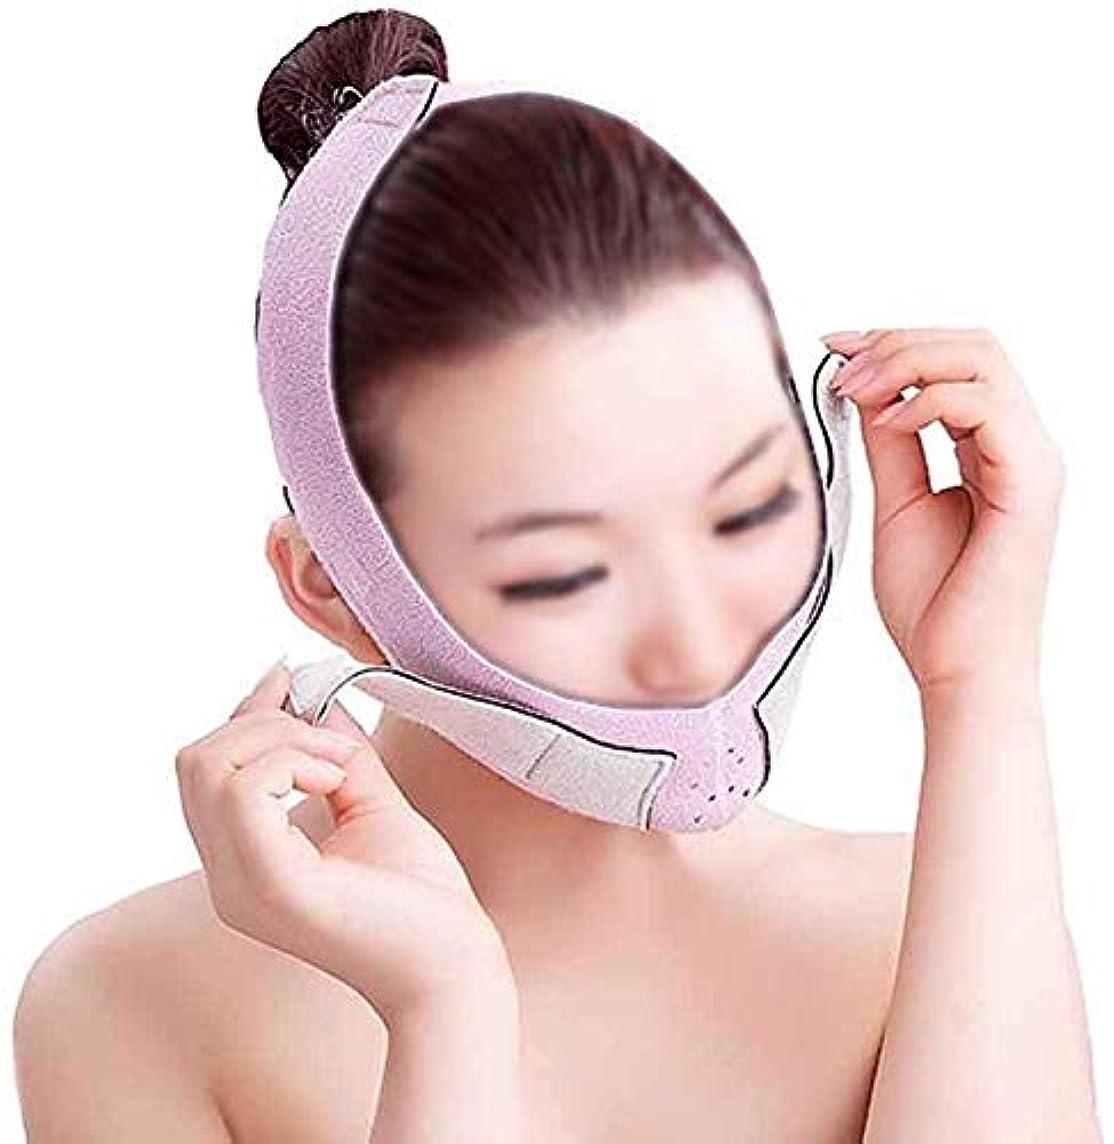 用量禁じるあそこFace身Vフェイスマスク、,身ベルト、フェイシャルマスク3Dフェイスリフト引き締め顔補正ベルト強力な顔アーティファクト小さな顔包帯リフティングVフェイスマスク(色:B)